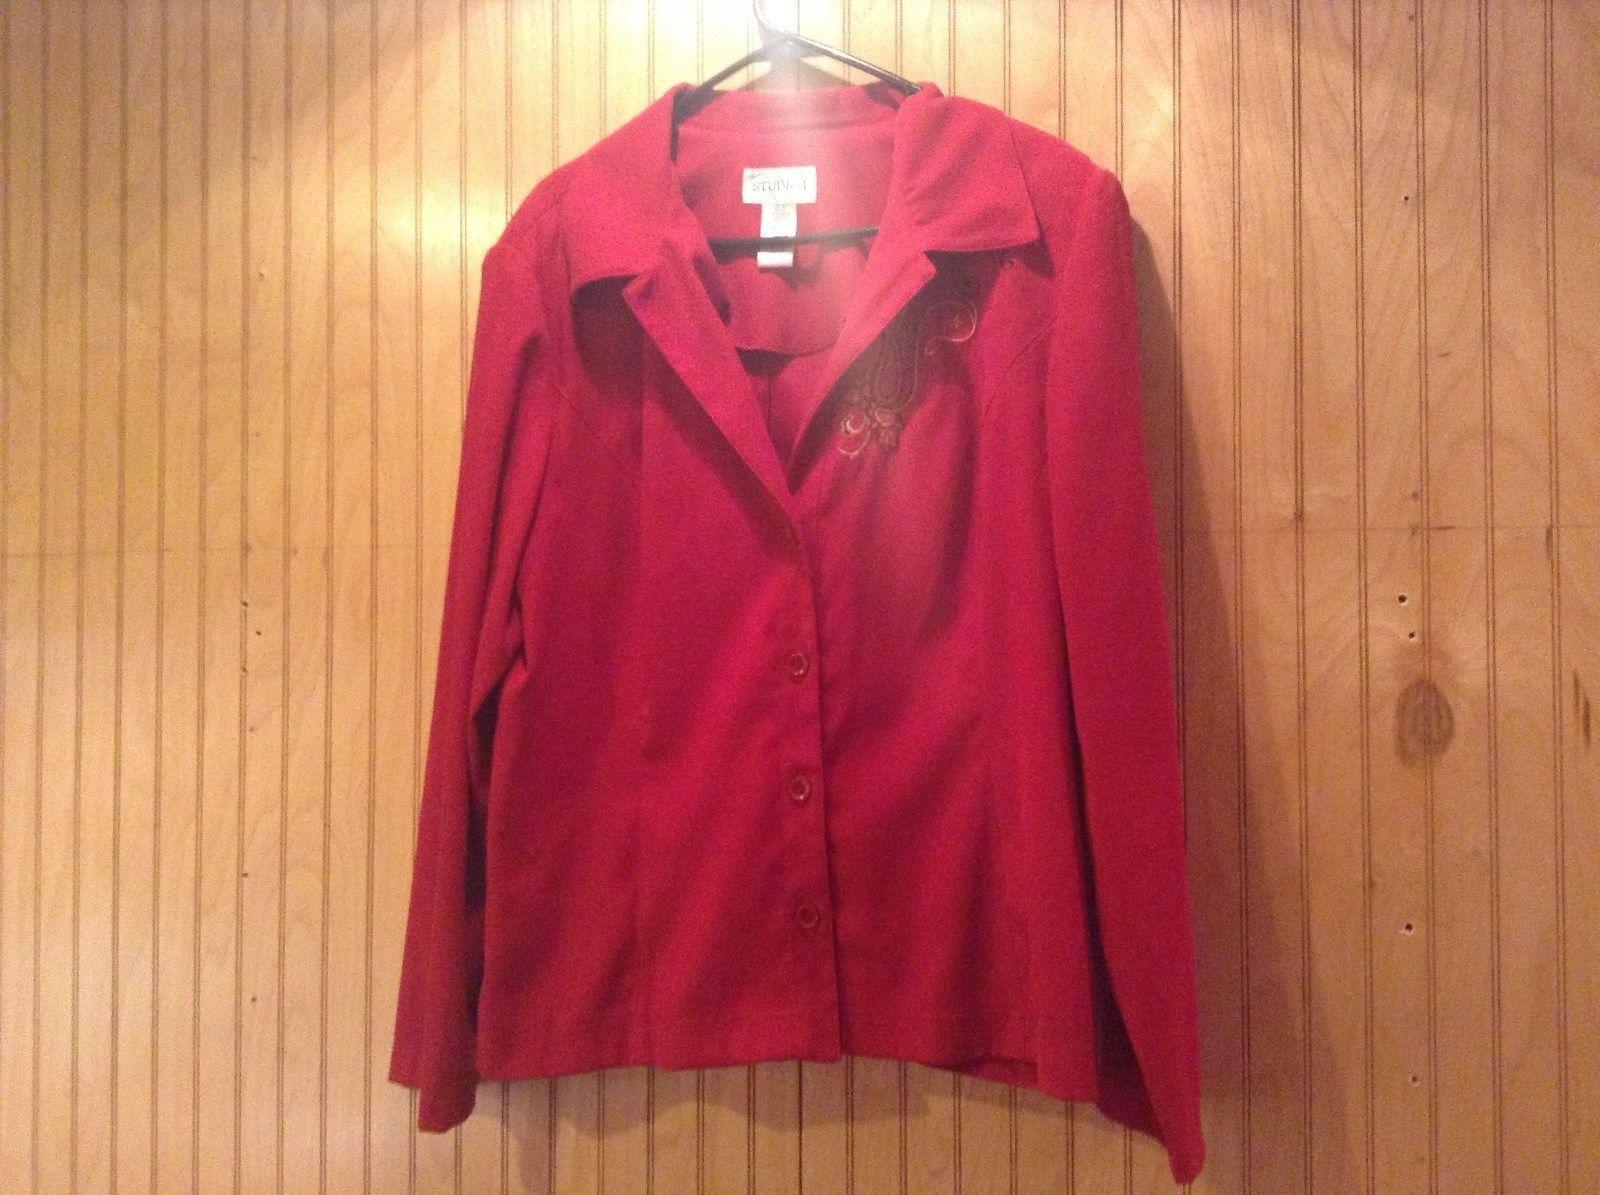 Studio 1 Red Long Sleeve Blazer Shoulder Pads Black and Gold Design Size 18